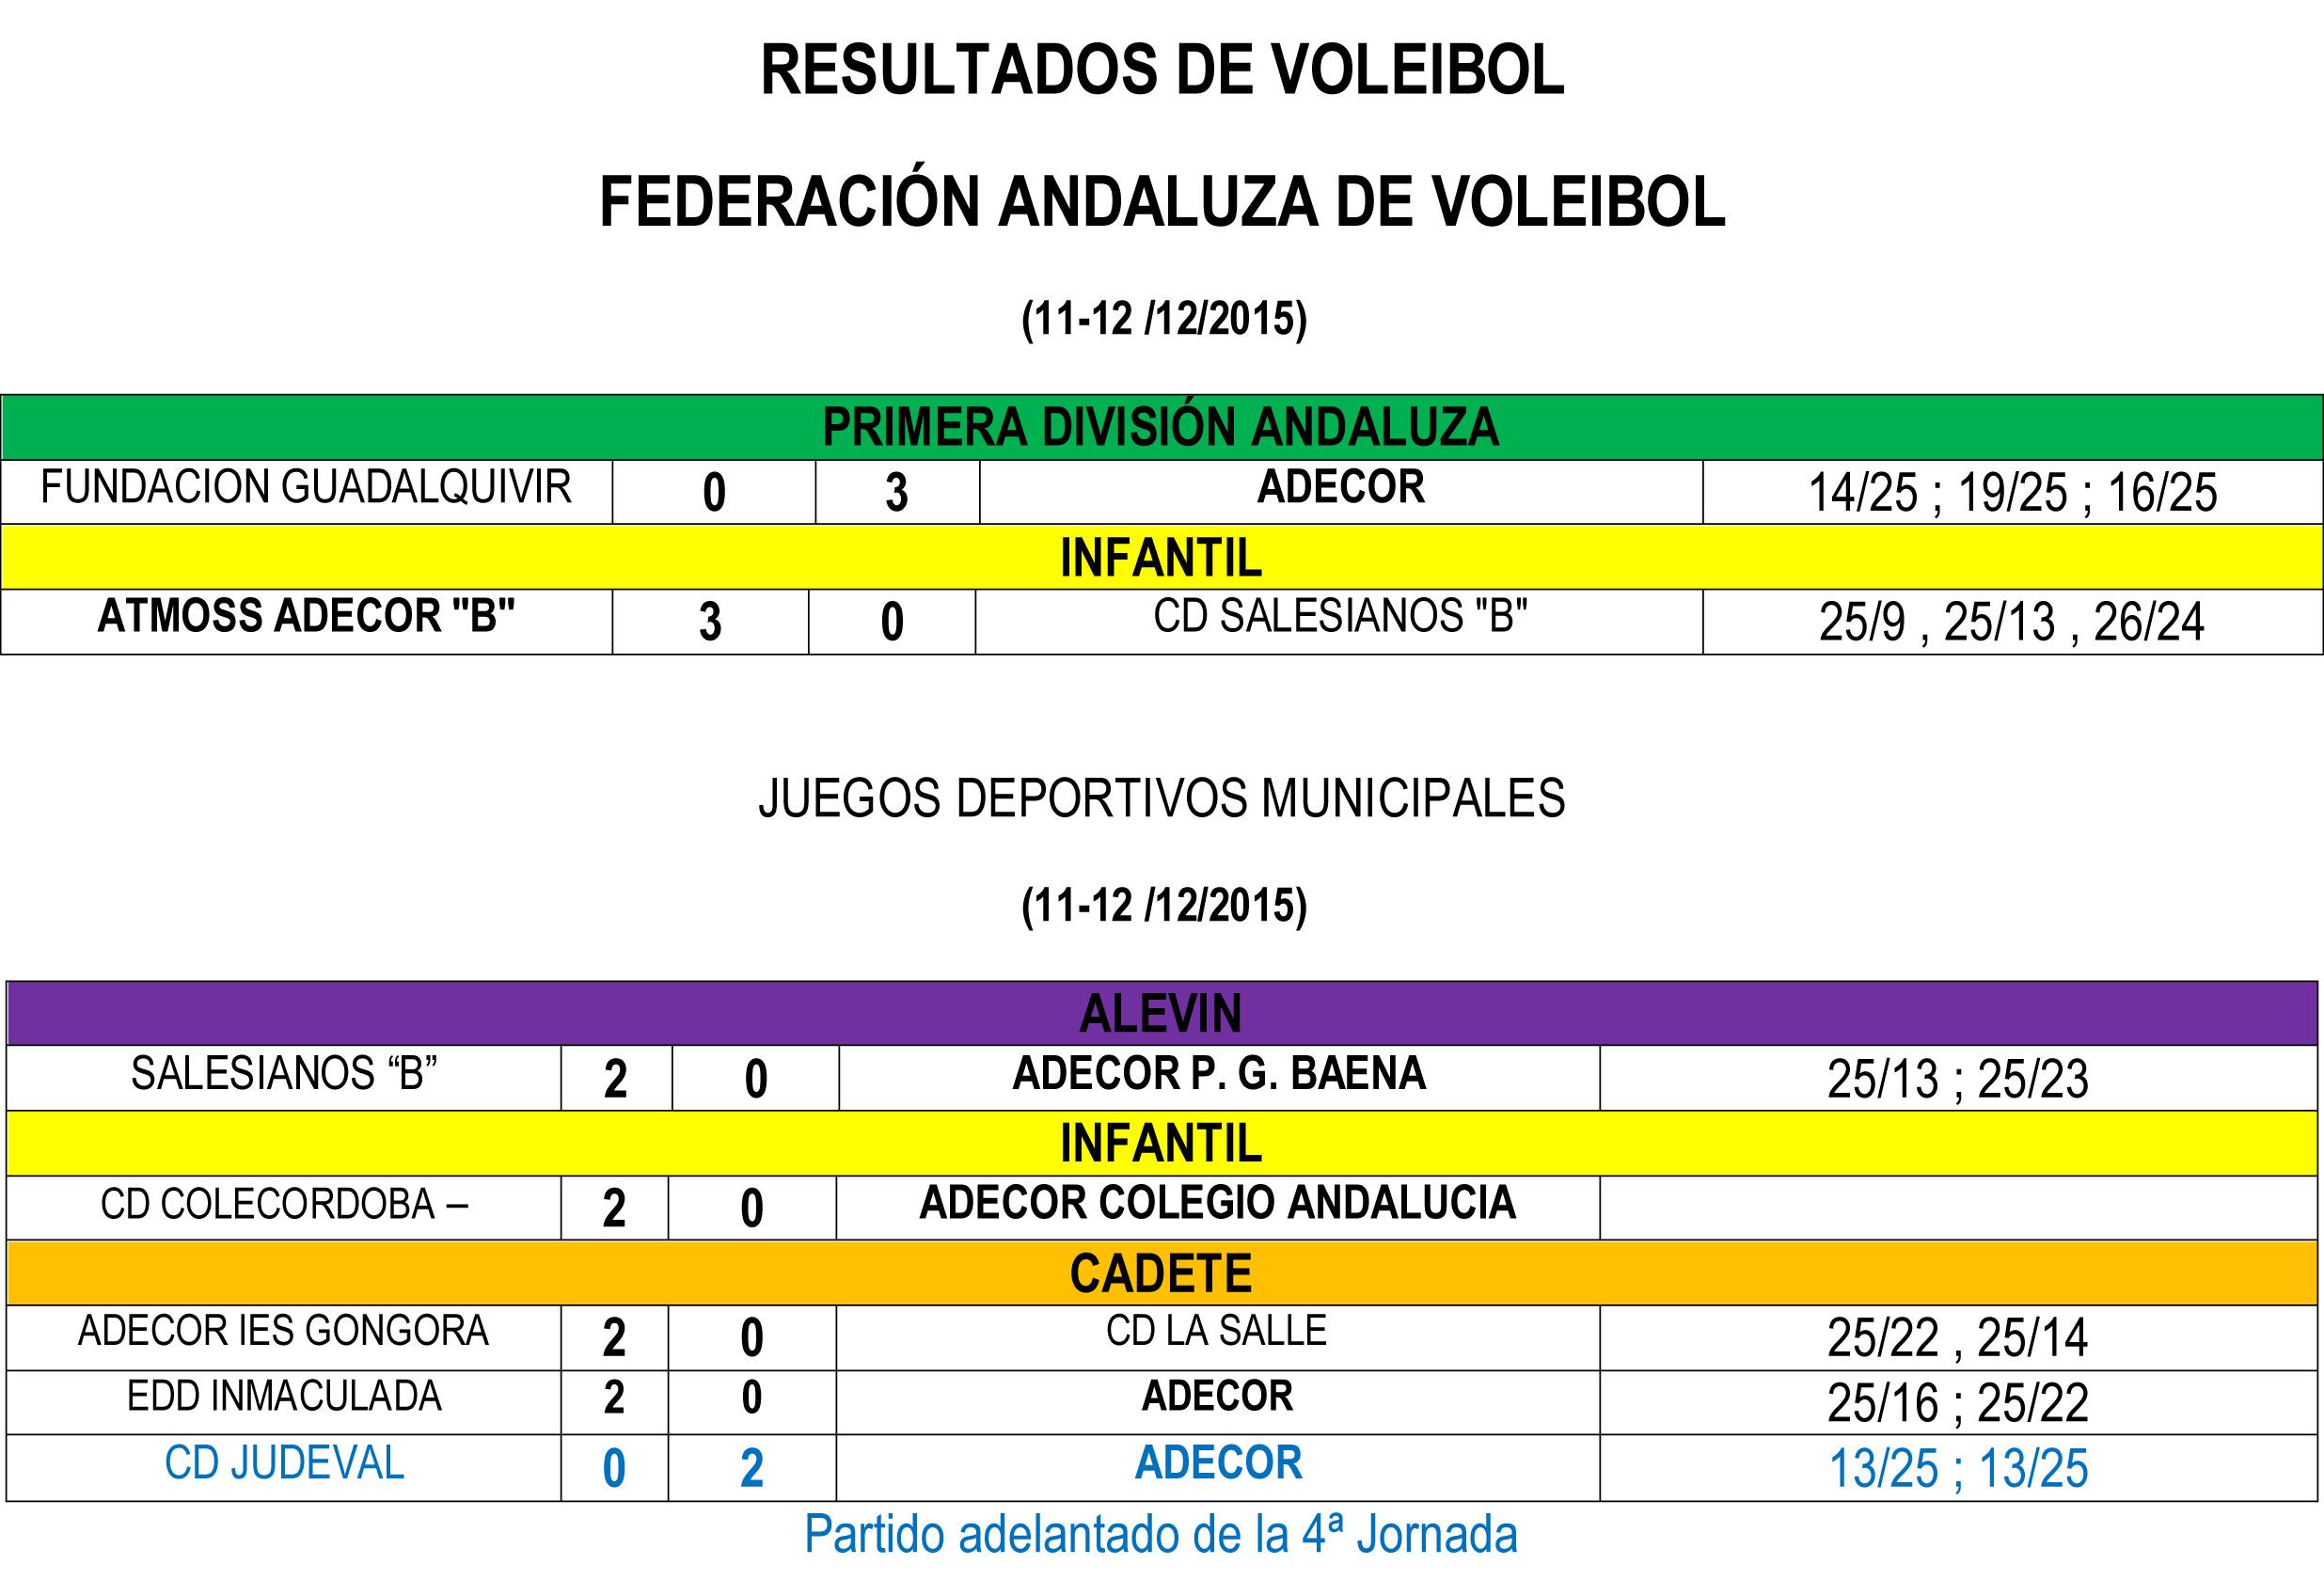 Voleibol resultados